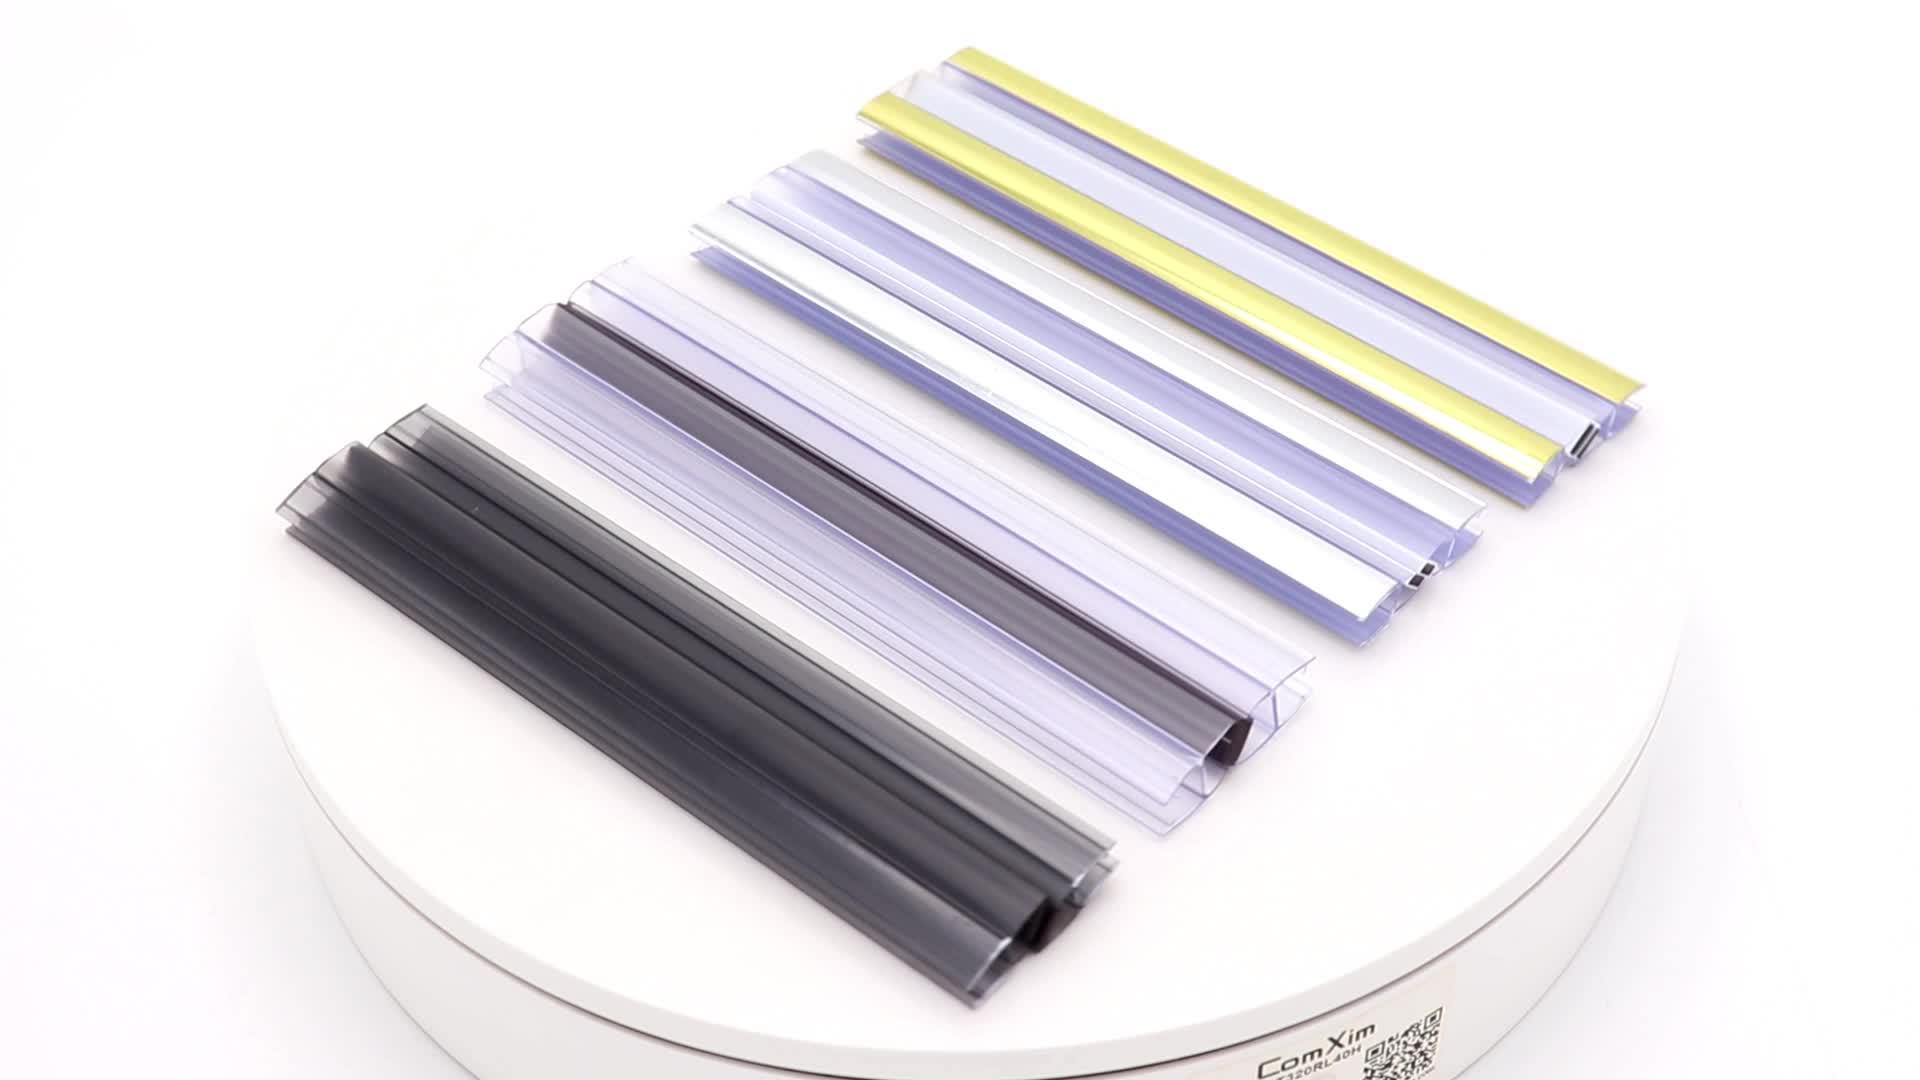 Bathroom glass shower door plastic seal strip rubber strip sliding door seal